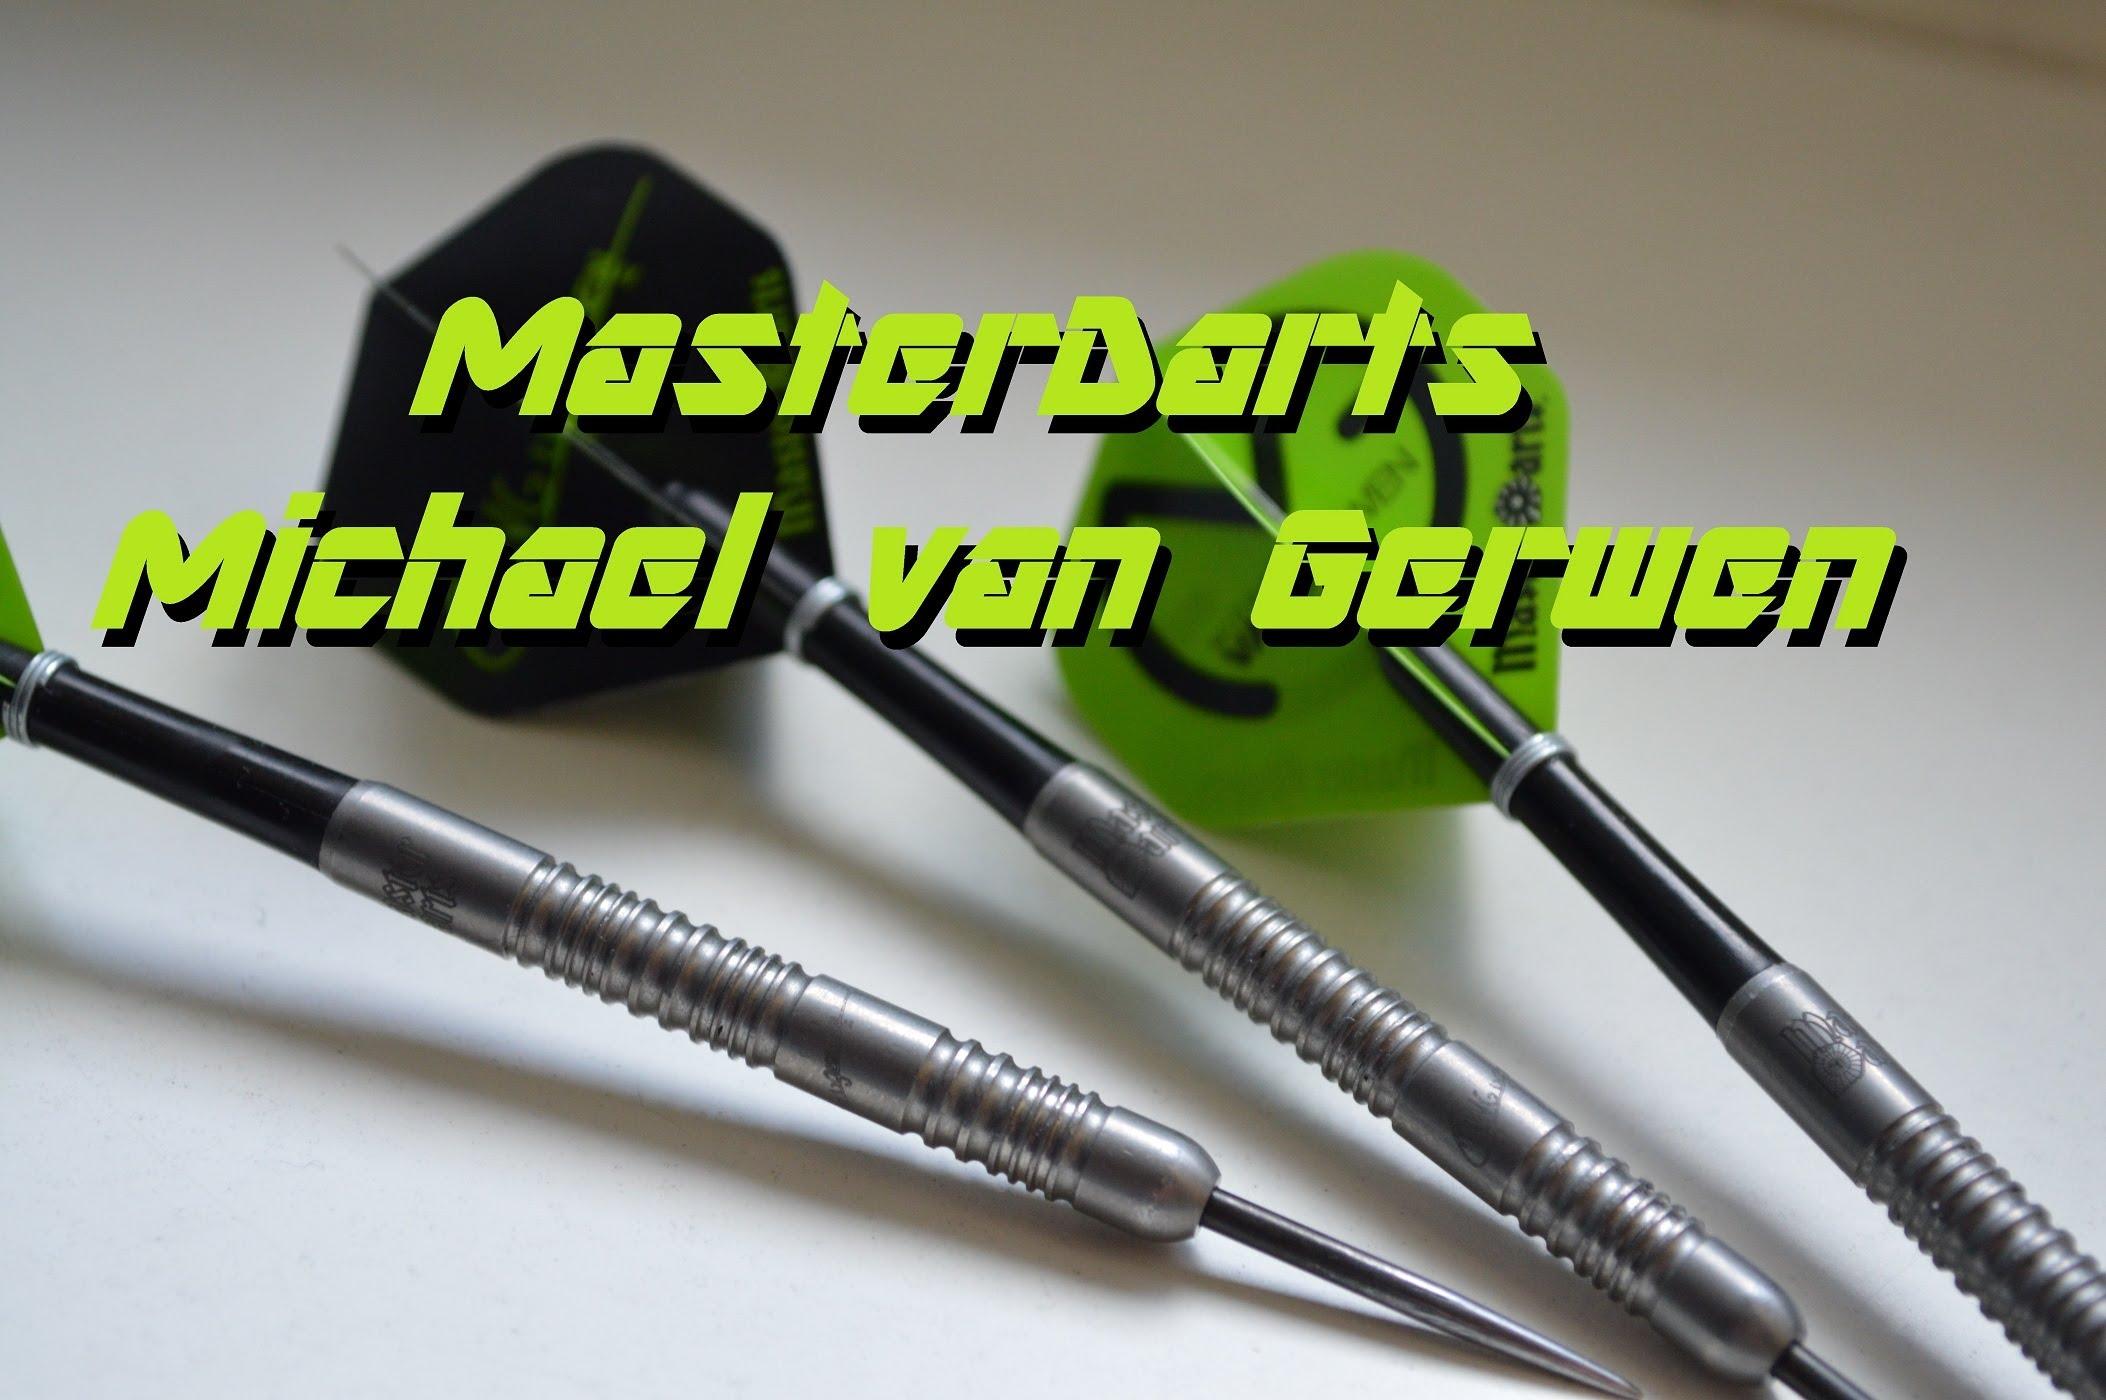 masterdarts_gerwen.jpg